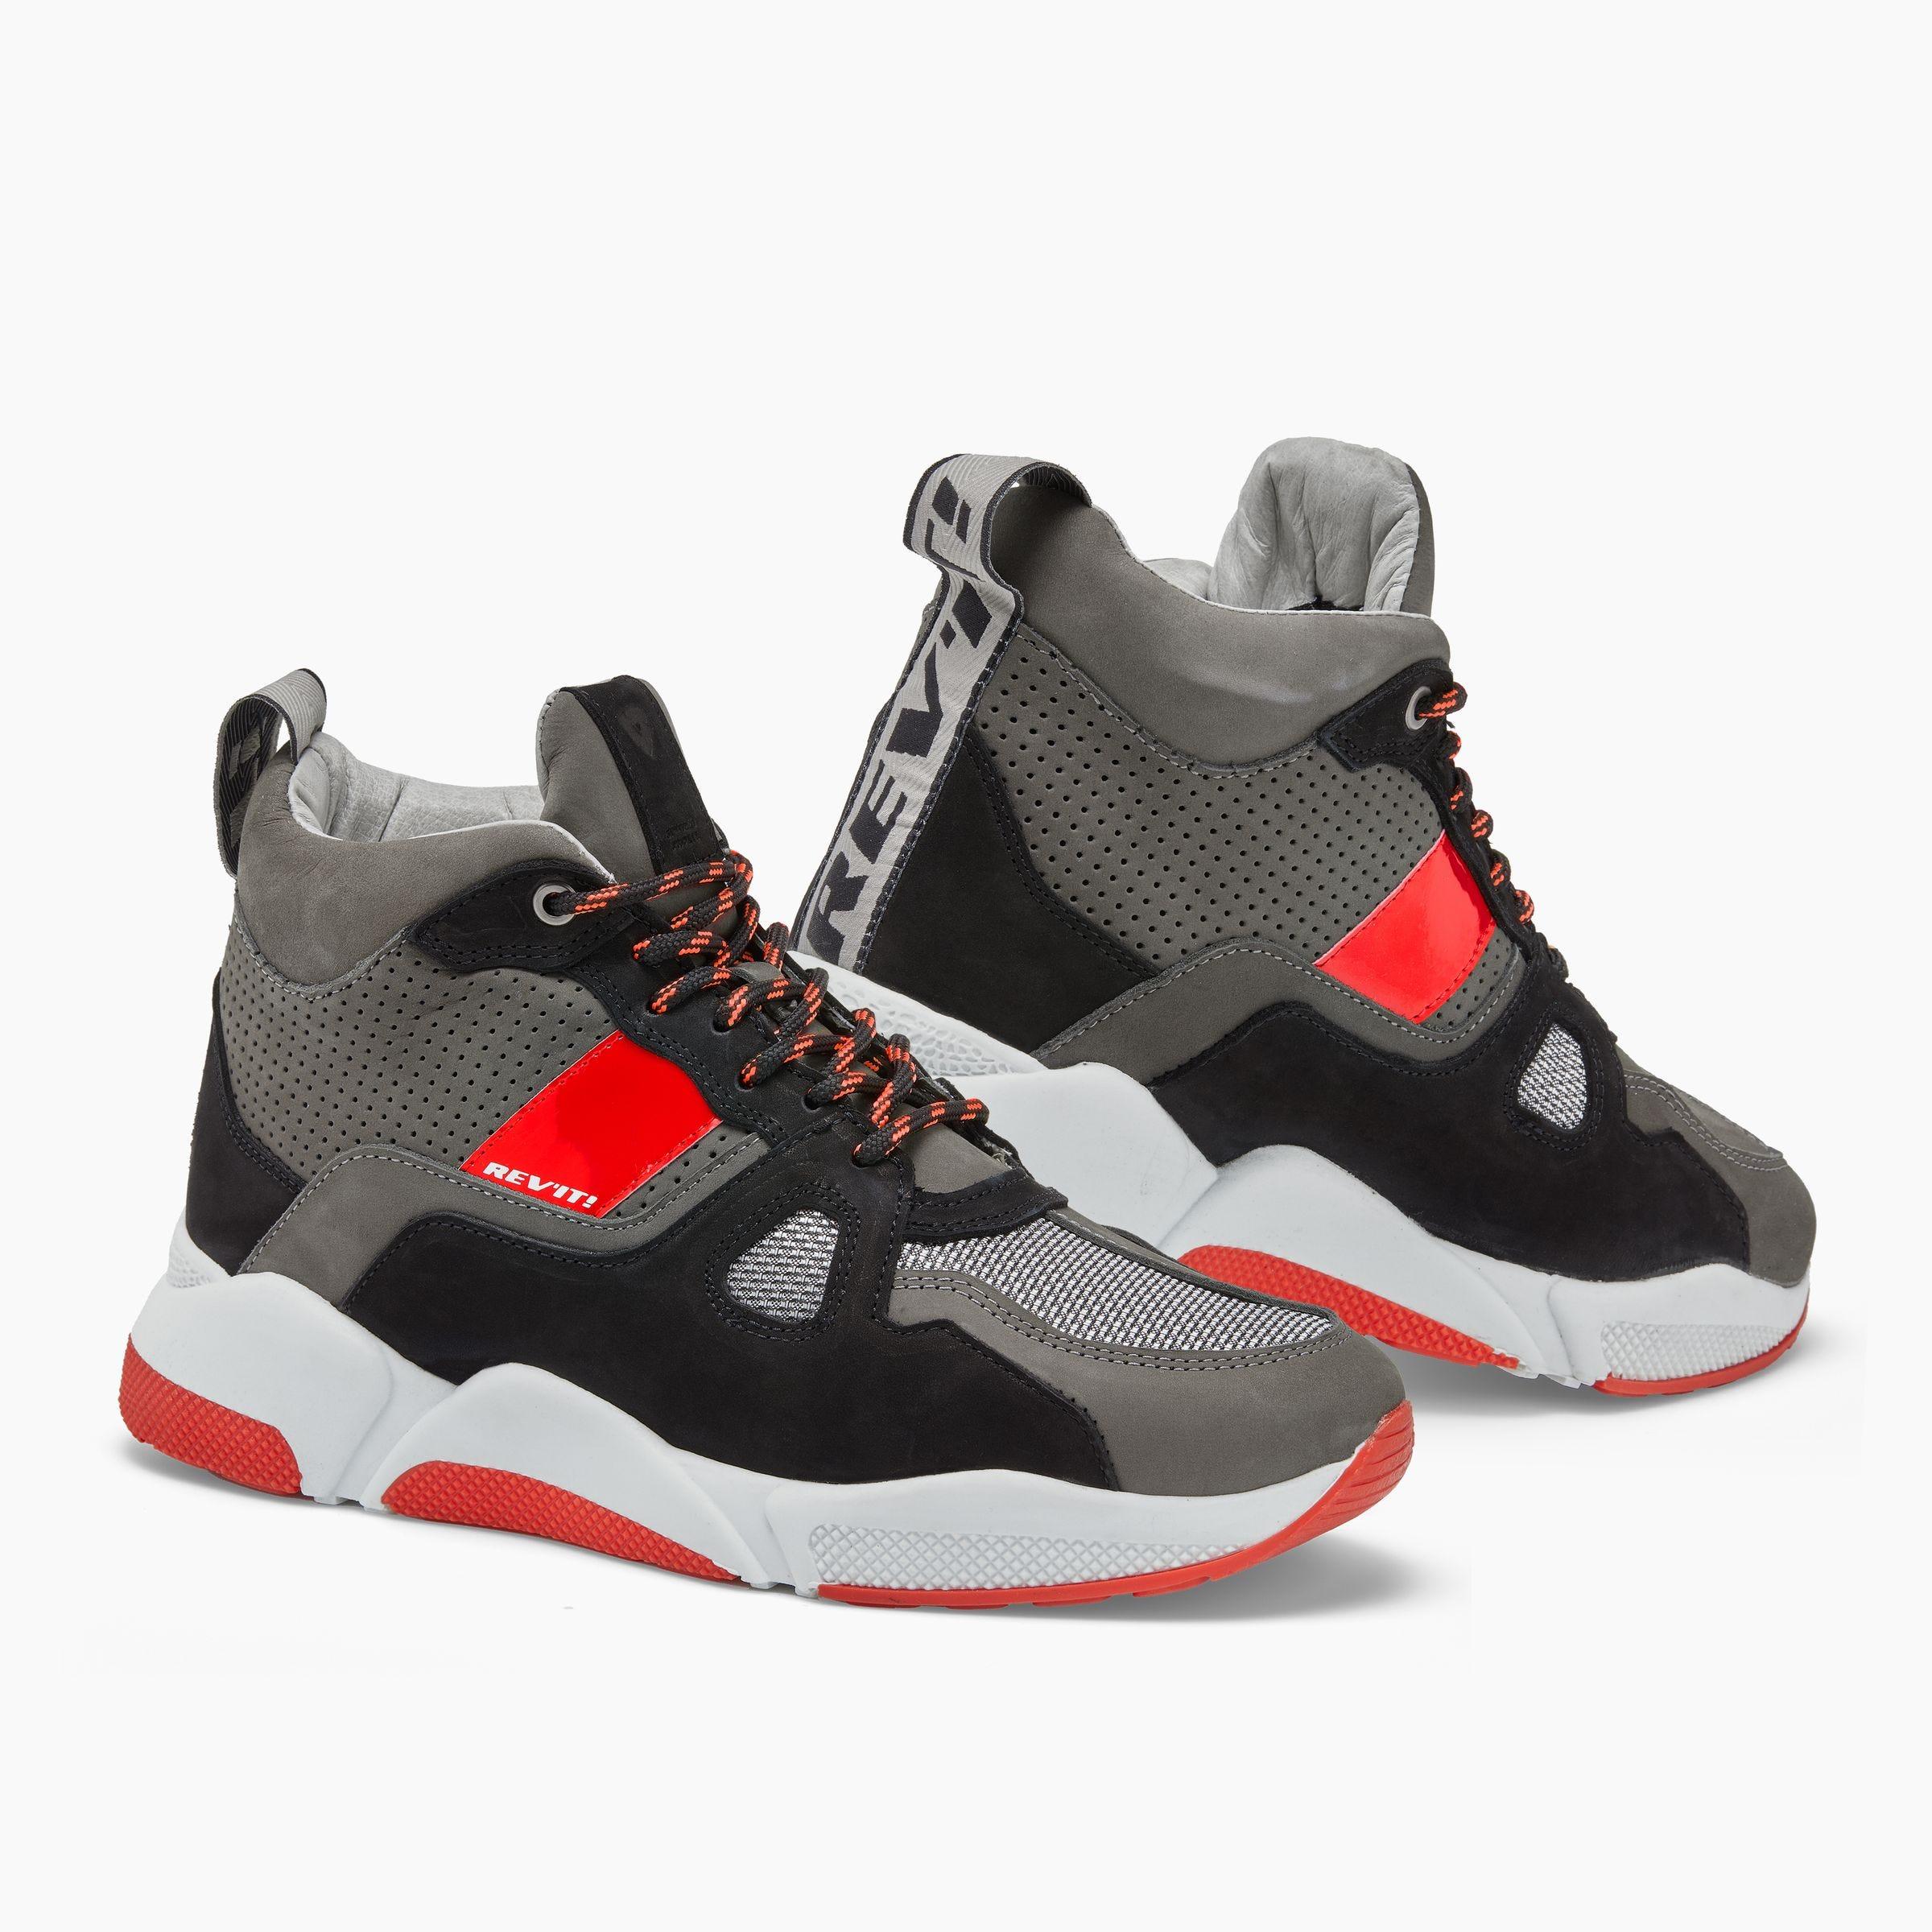 Revit Astro Shoes